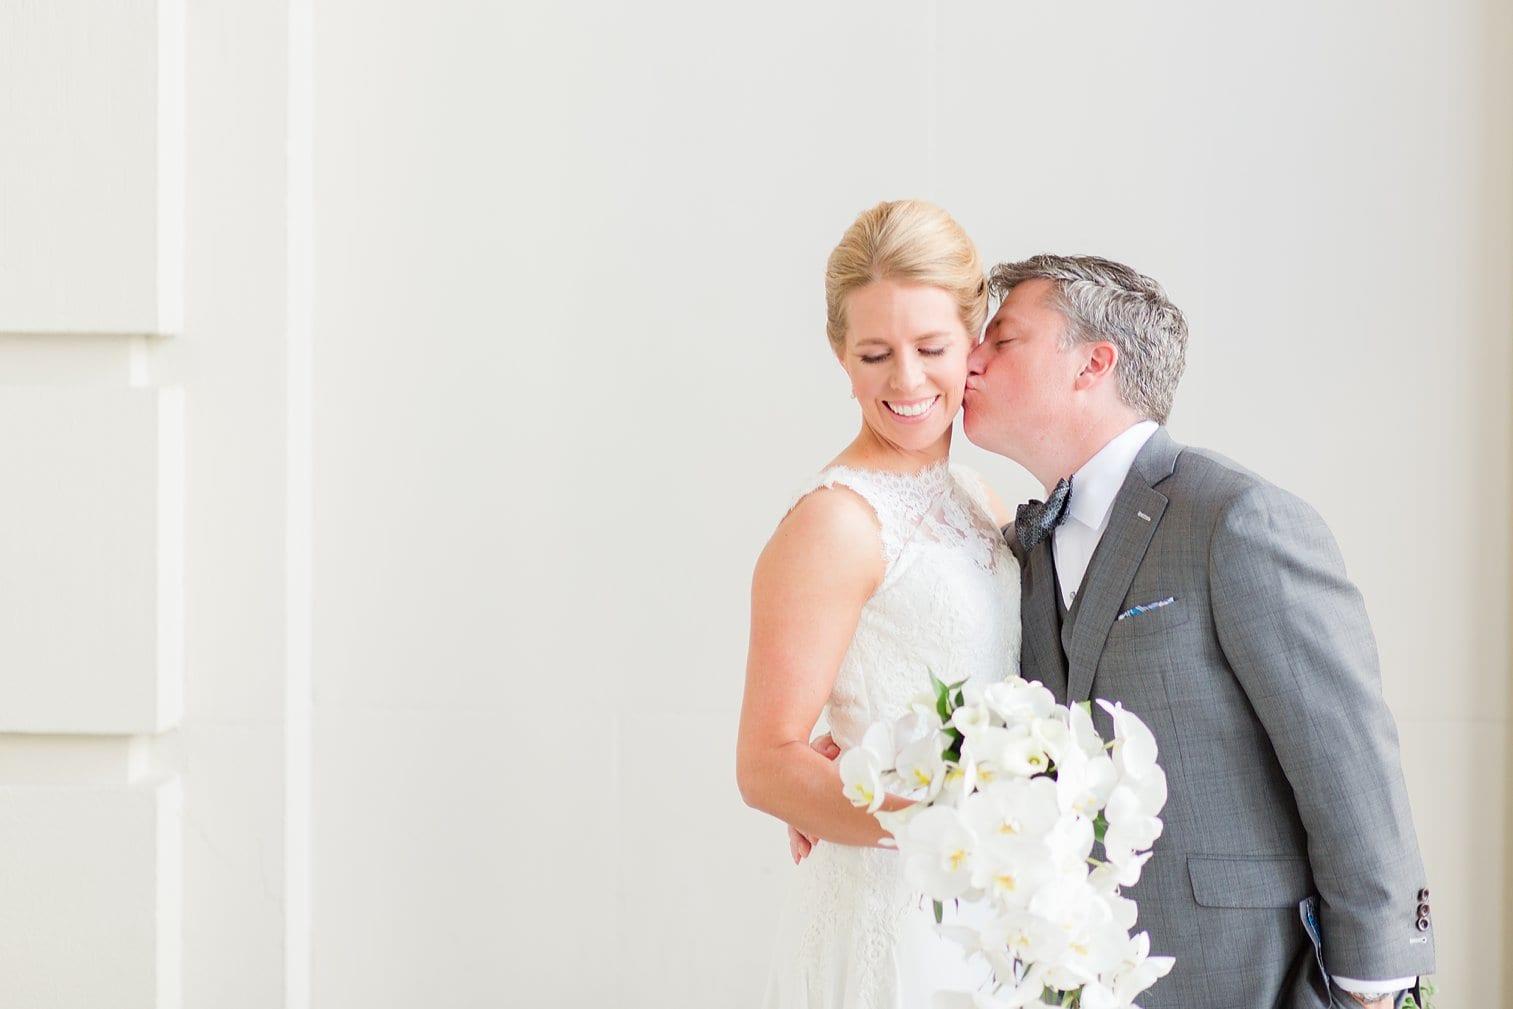 Ronald Reagan Building Wedding Washington DC Wedding Photographer Ashley & Brett-238.jpg